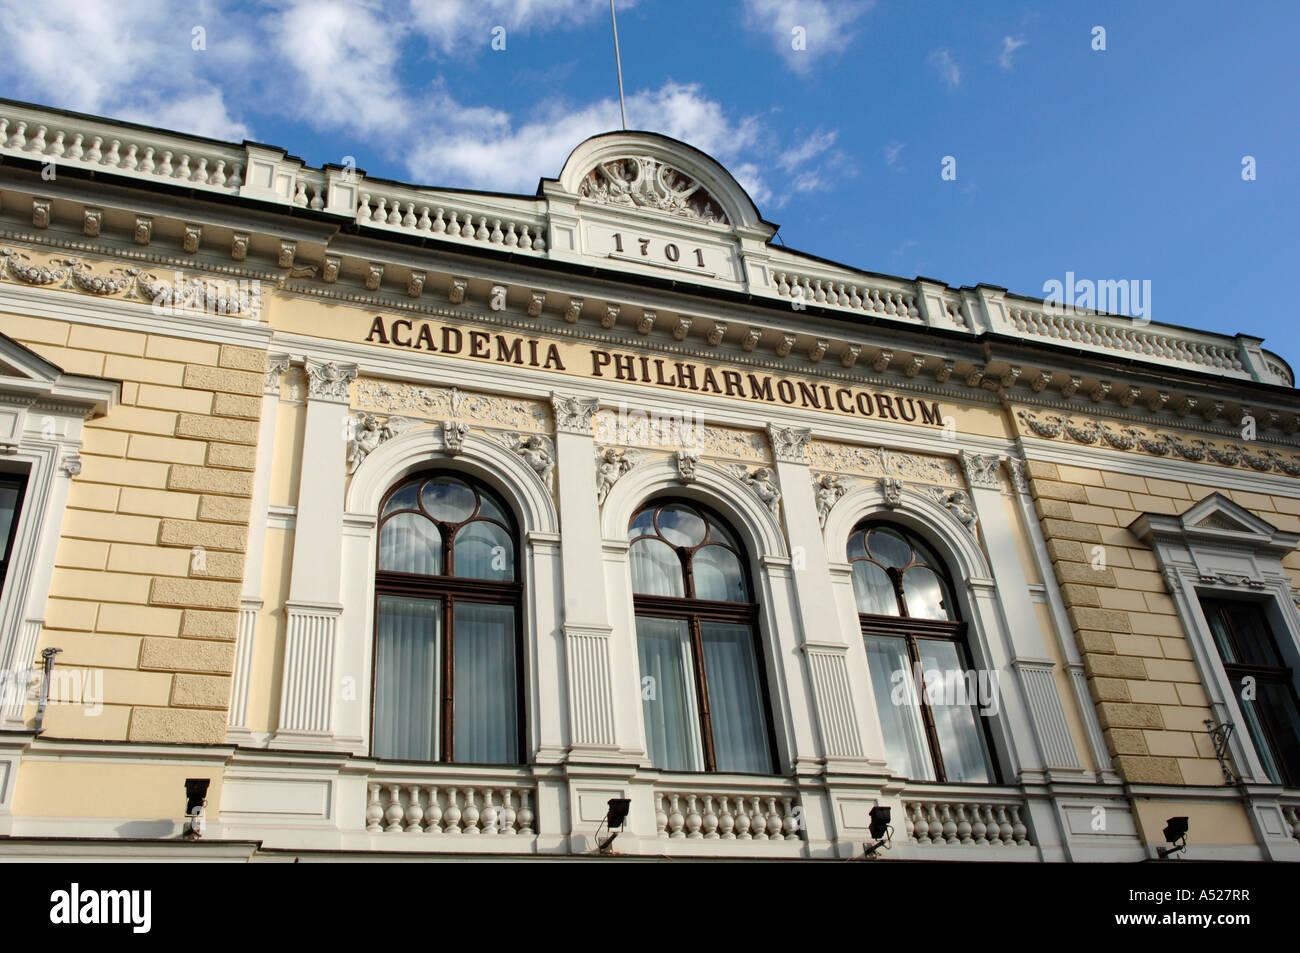 Ljubljana, Academia Philharmonicorum / Philharmony - Stock Image